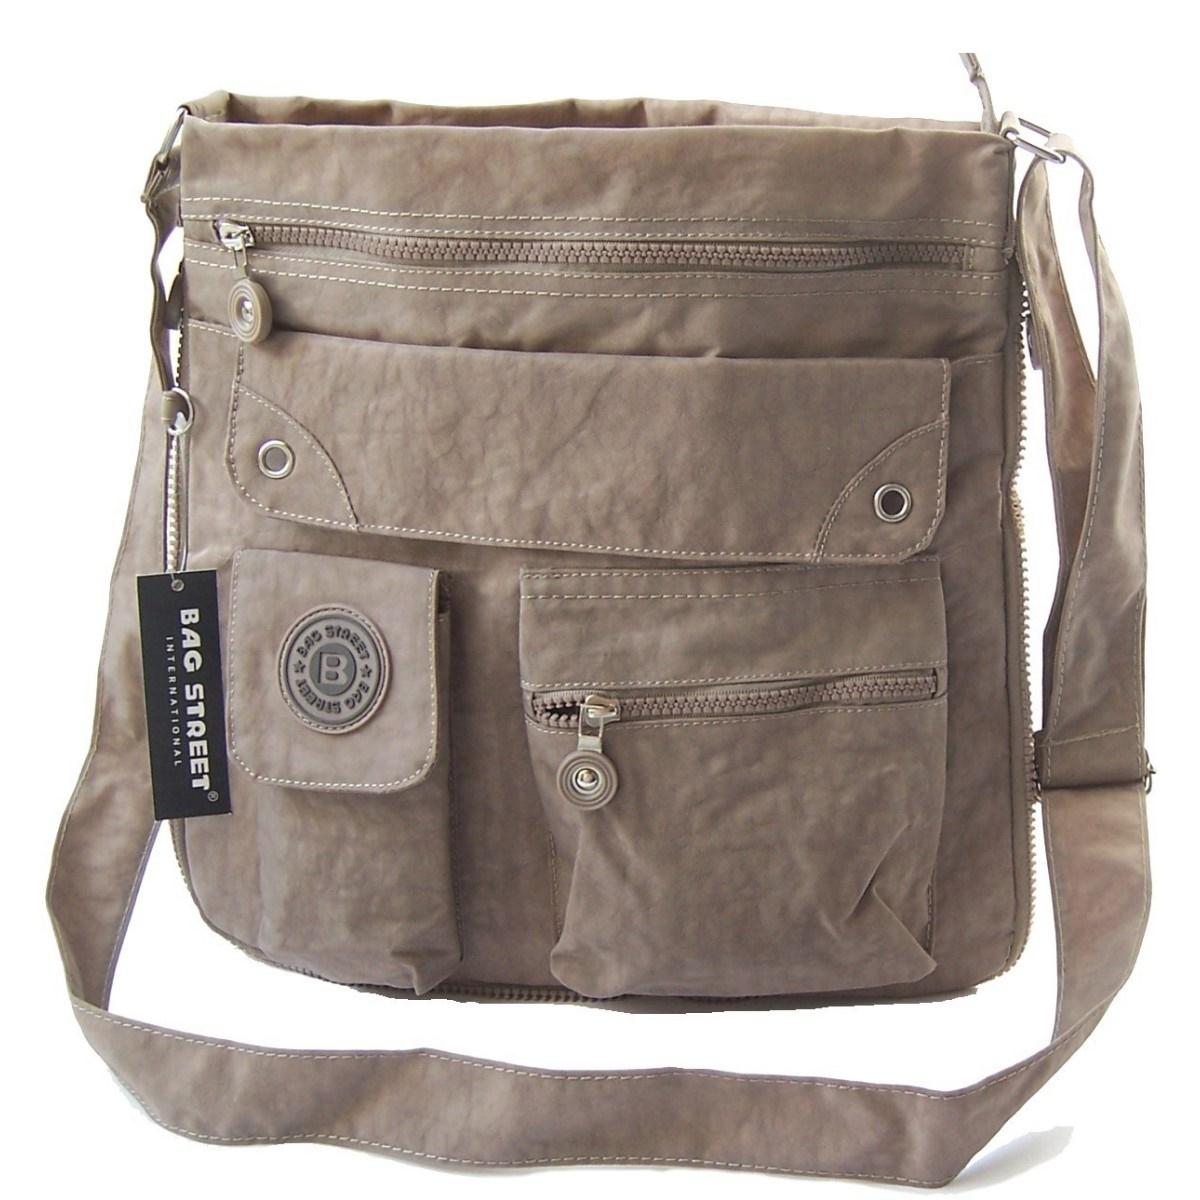 Tasche Umhängetasche Handtasche Bag Street Nylon Beige Ta5204